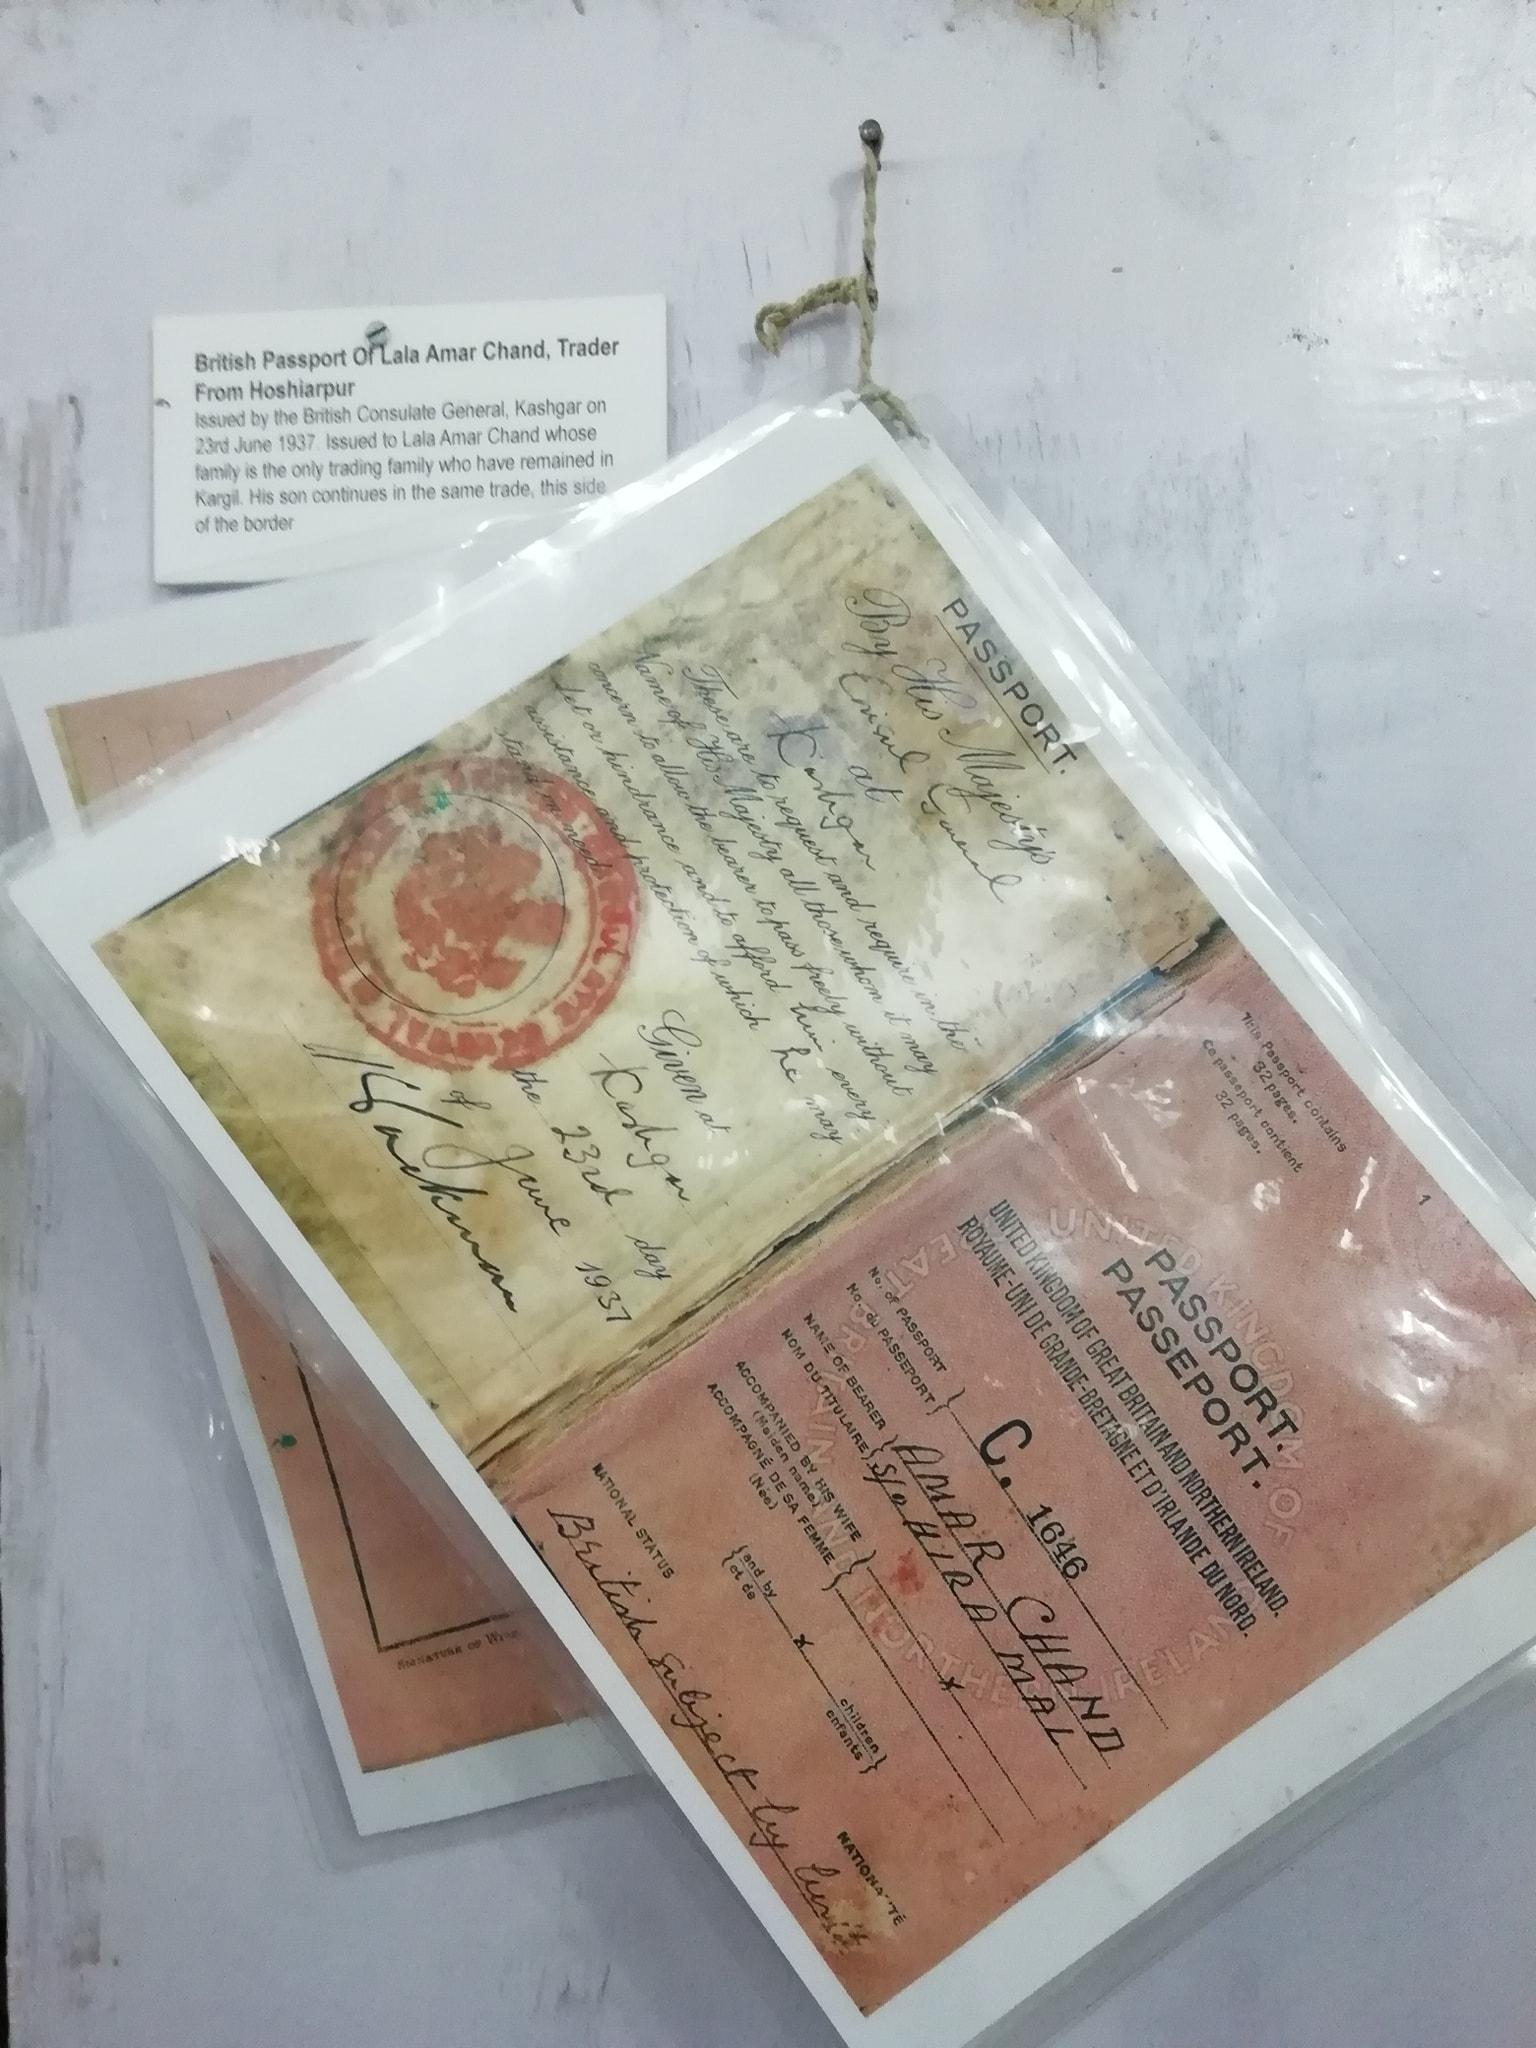 passport-kashgar-amarchand-hoshiarpur-kargil-leh-yarkand